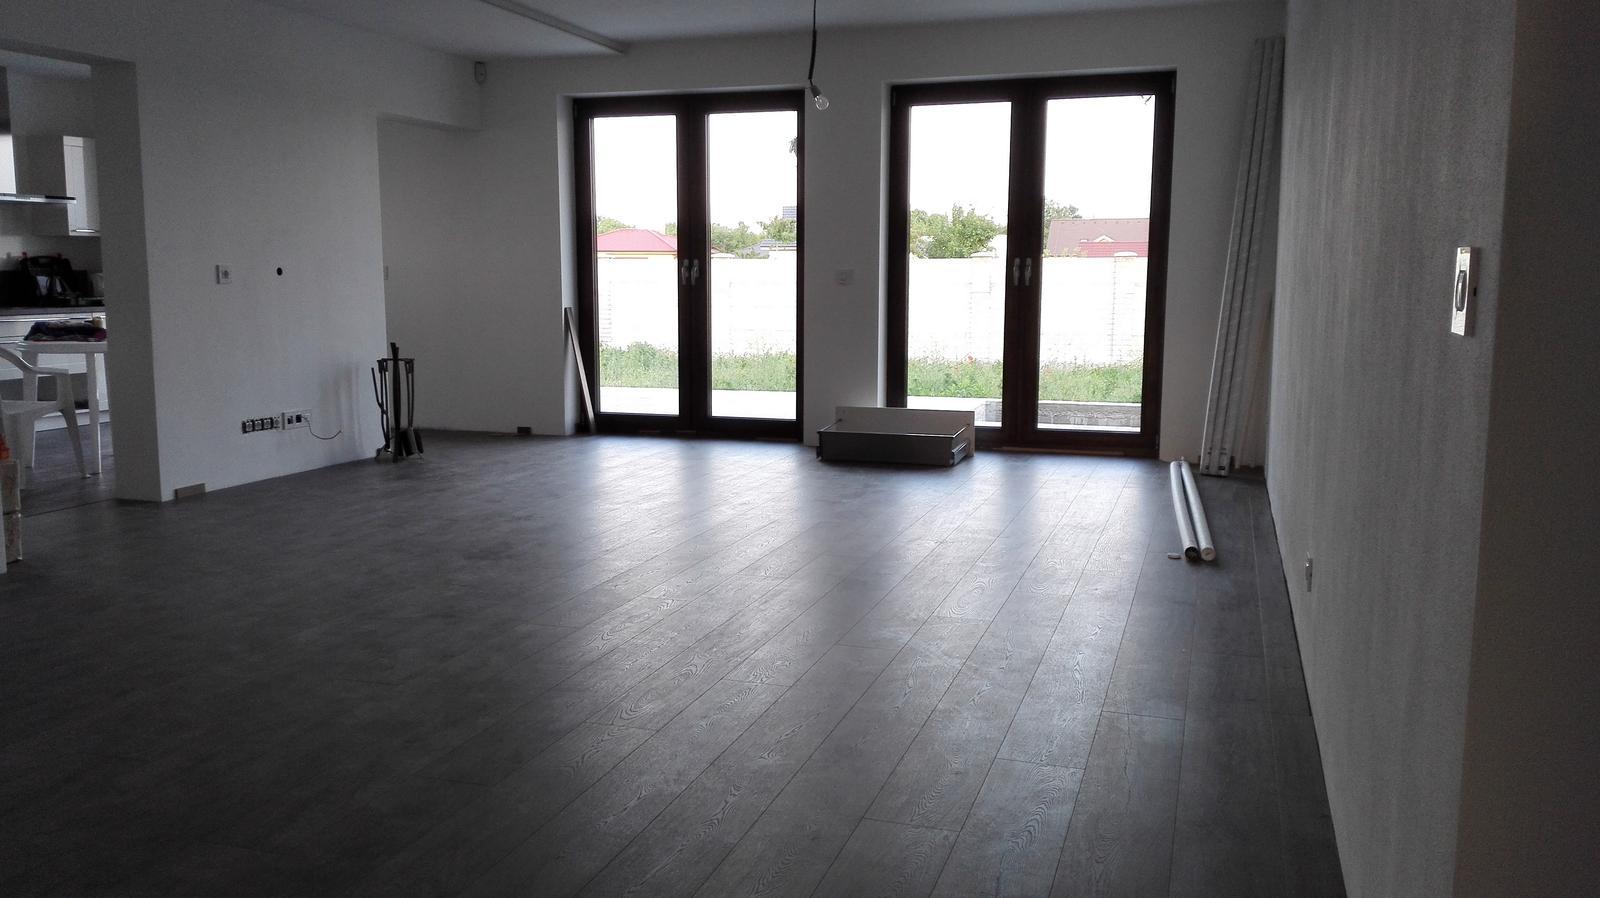 ARD Dekor 8 - 11.04. Podlaha na prizemi je dokoncena